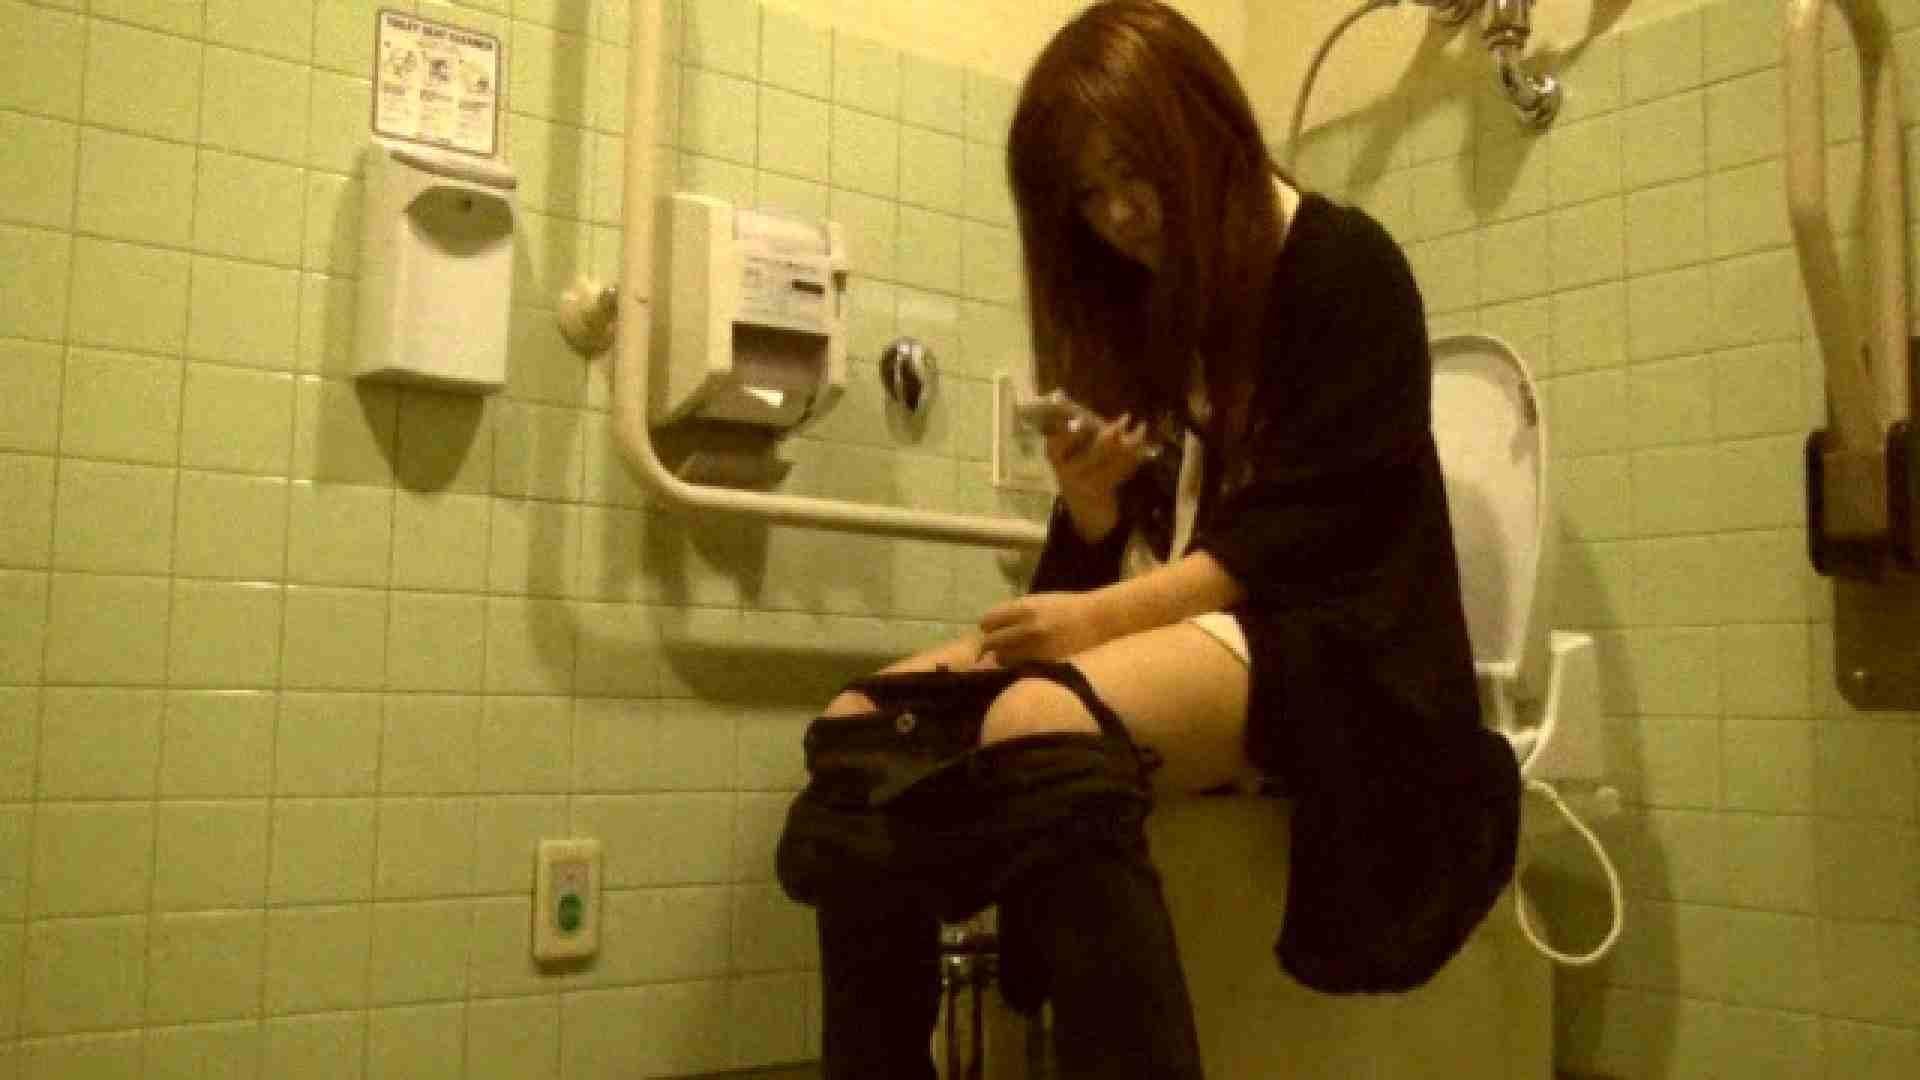 魔術師の お・も・て・な・し vol.26 19歳のバーの店員さんの洗面所をしばし… 洗面所  54連発 30